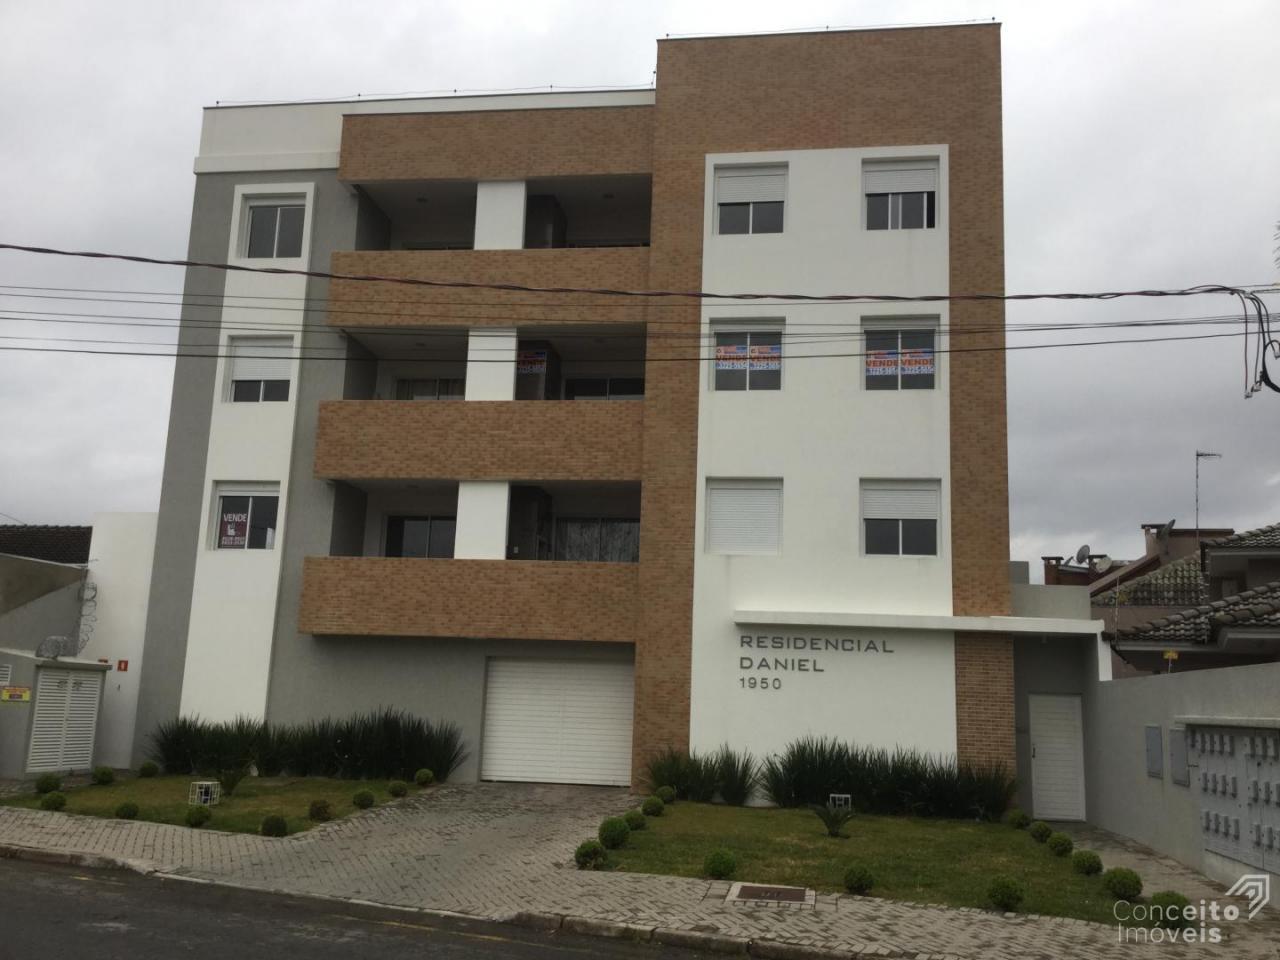 Edificio Daniel